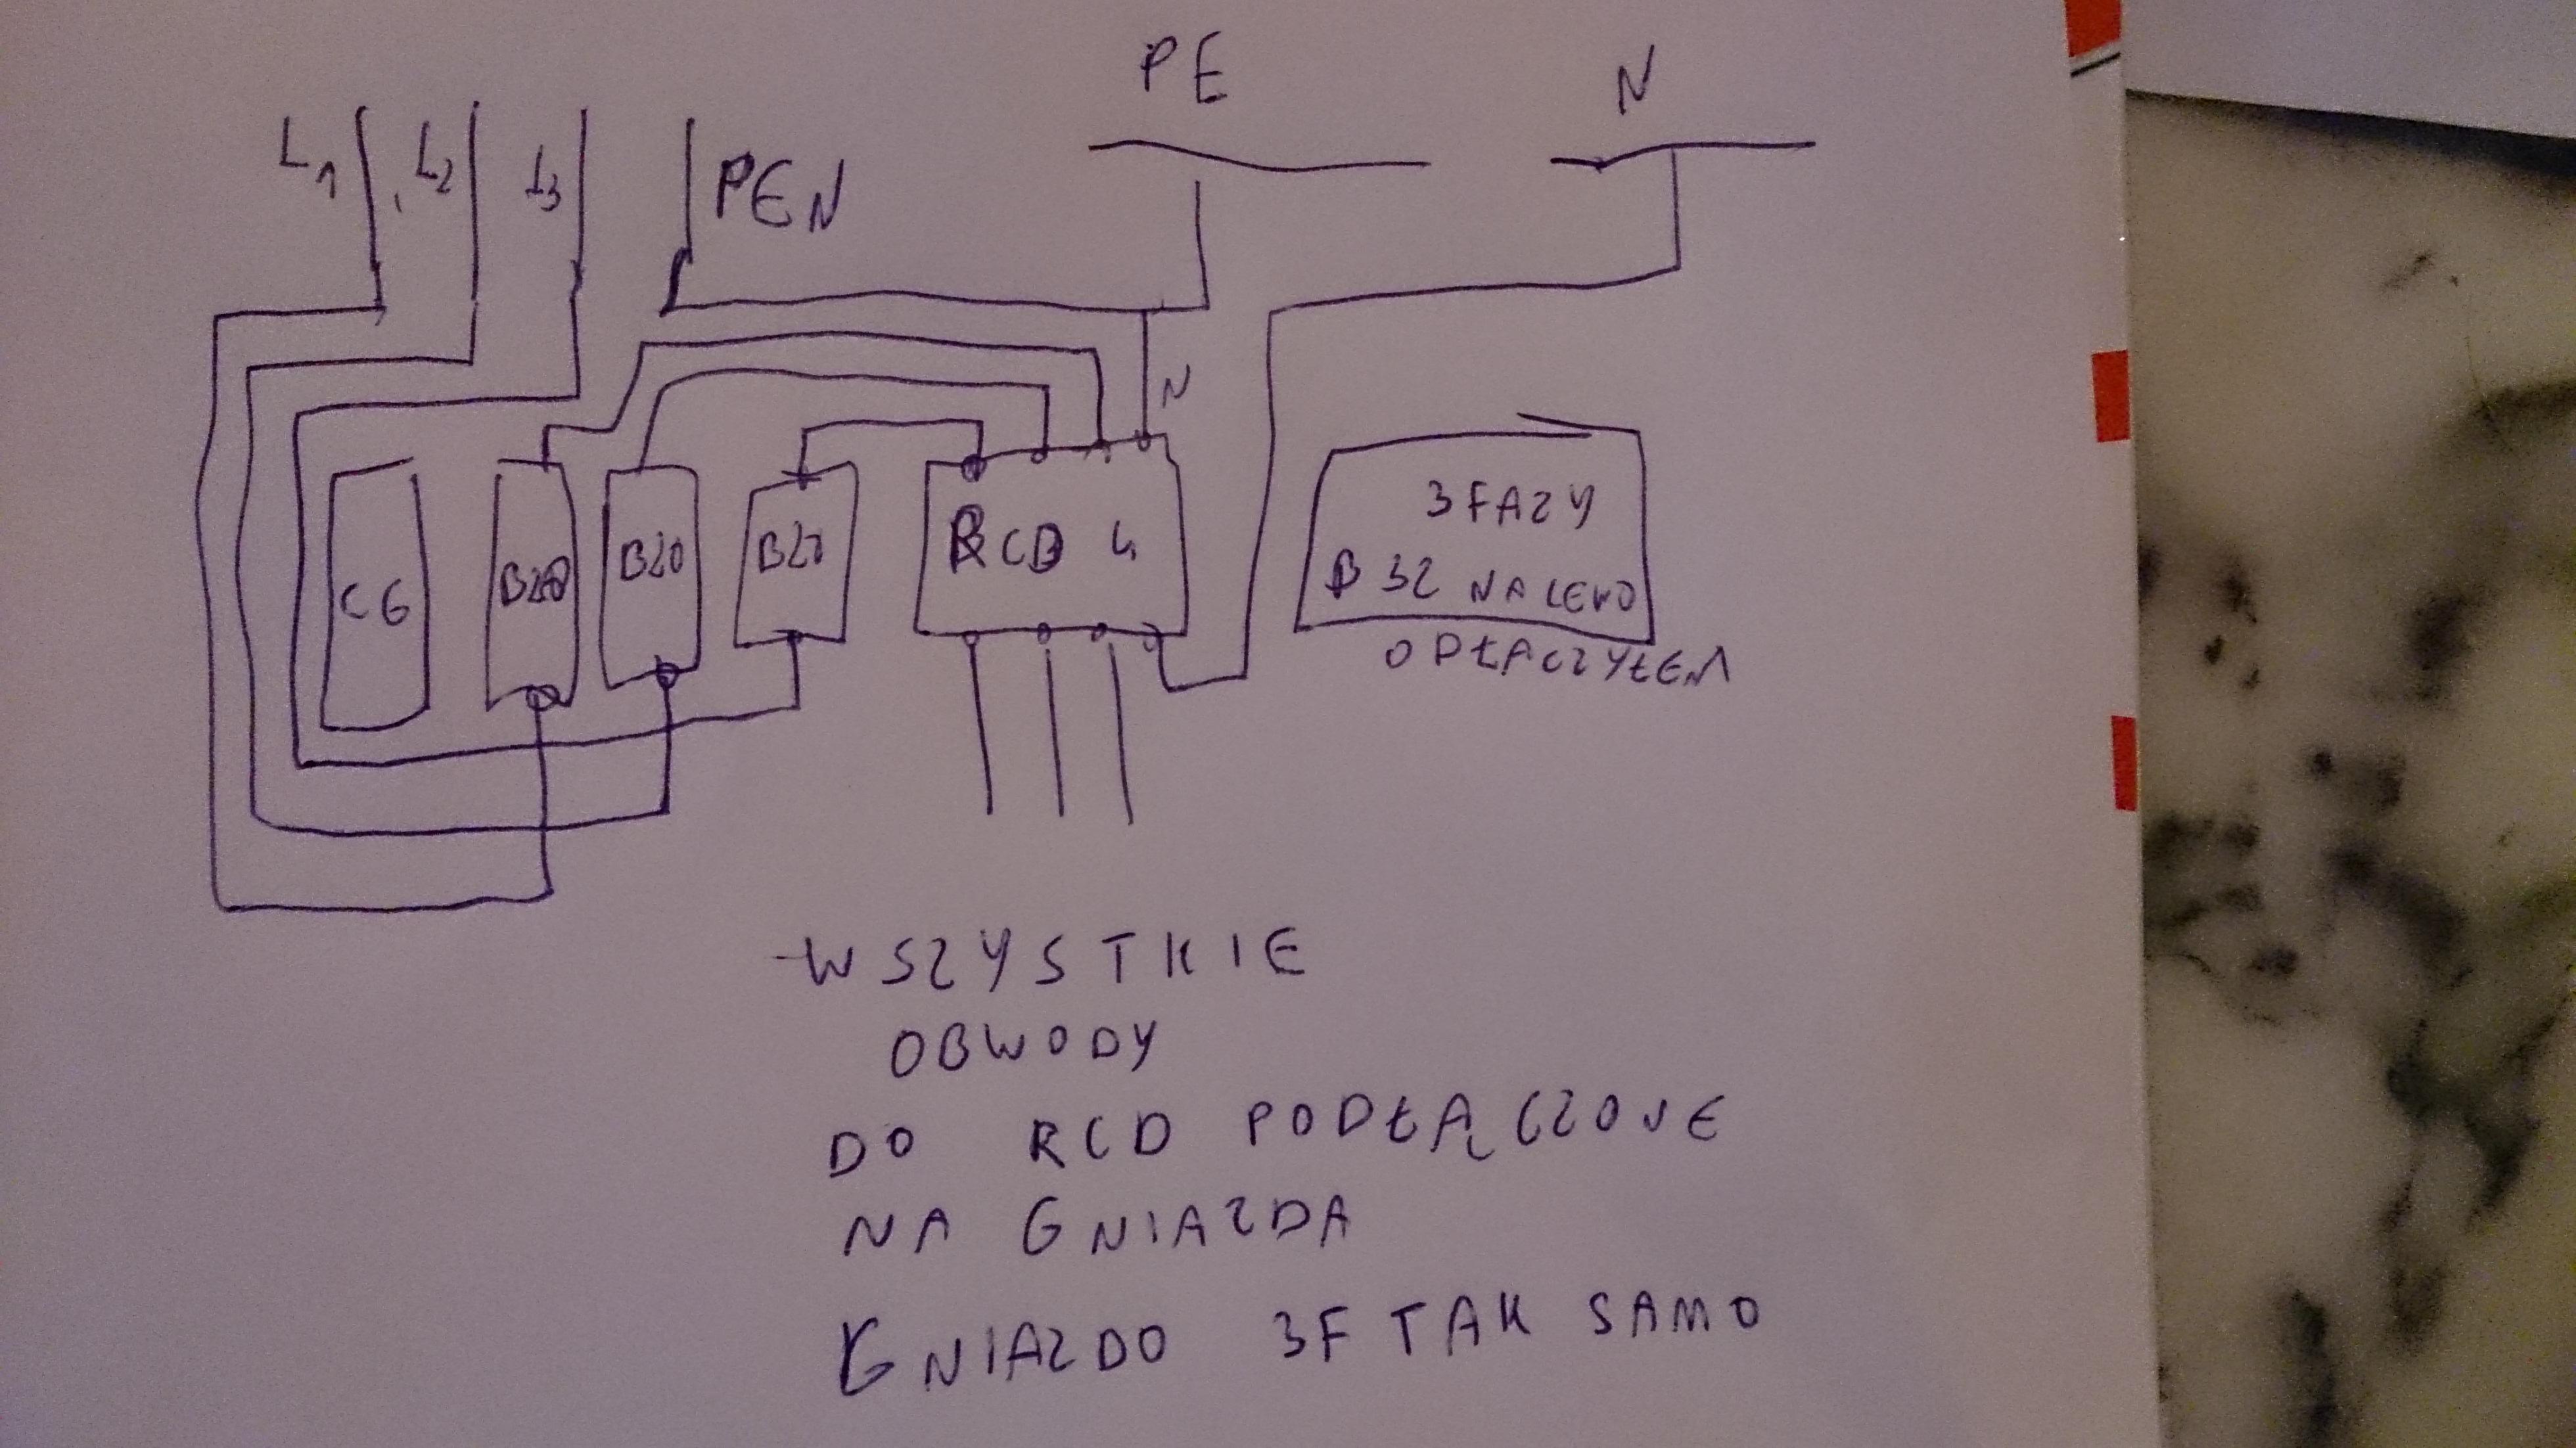 Kolejnosc - Instalacja TNC: Licznik -> eski - rcd